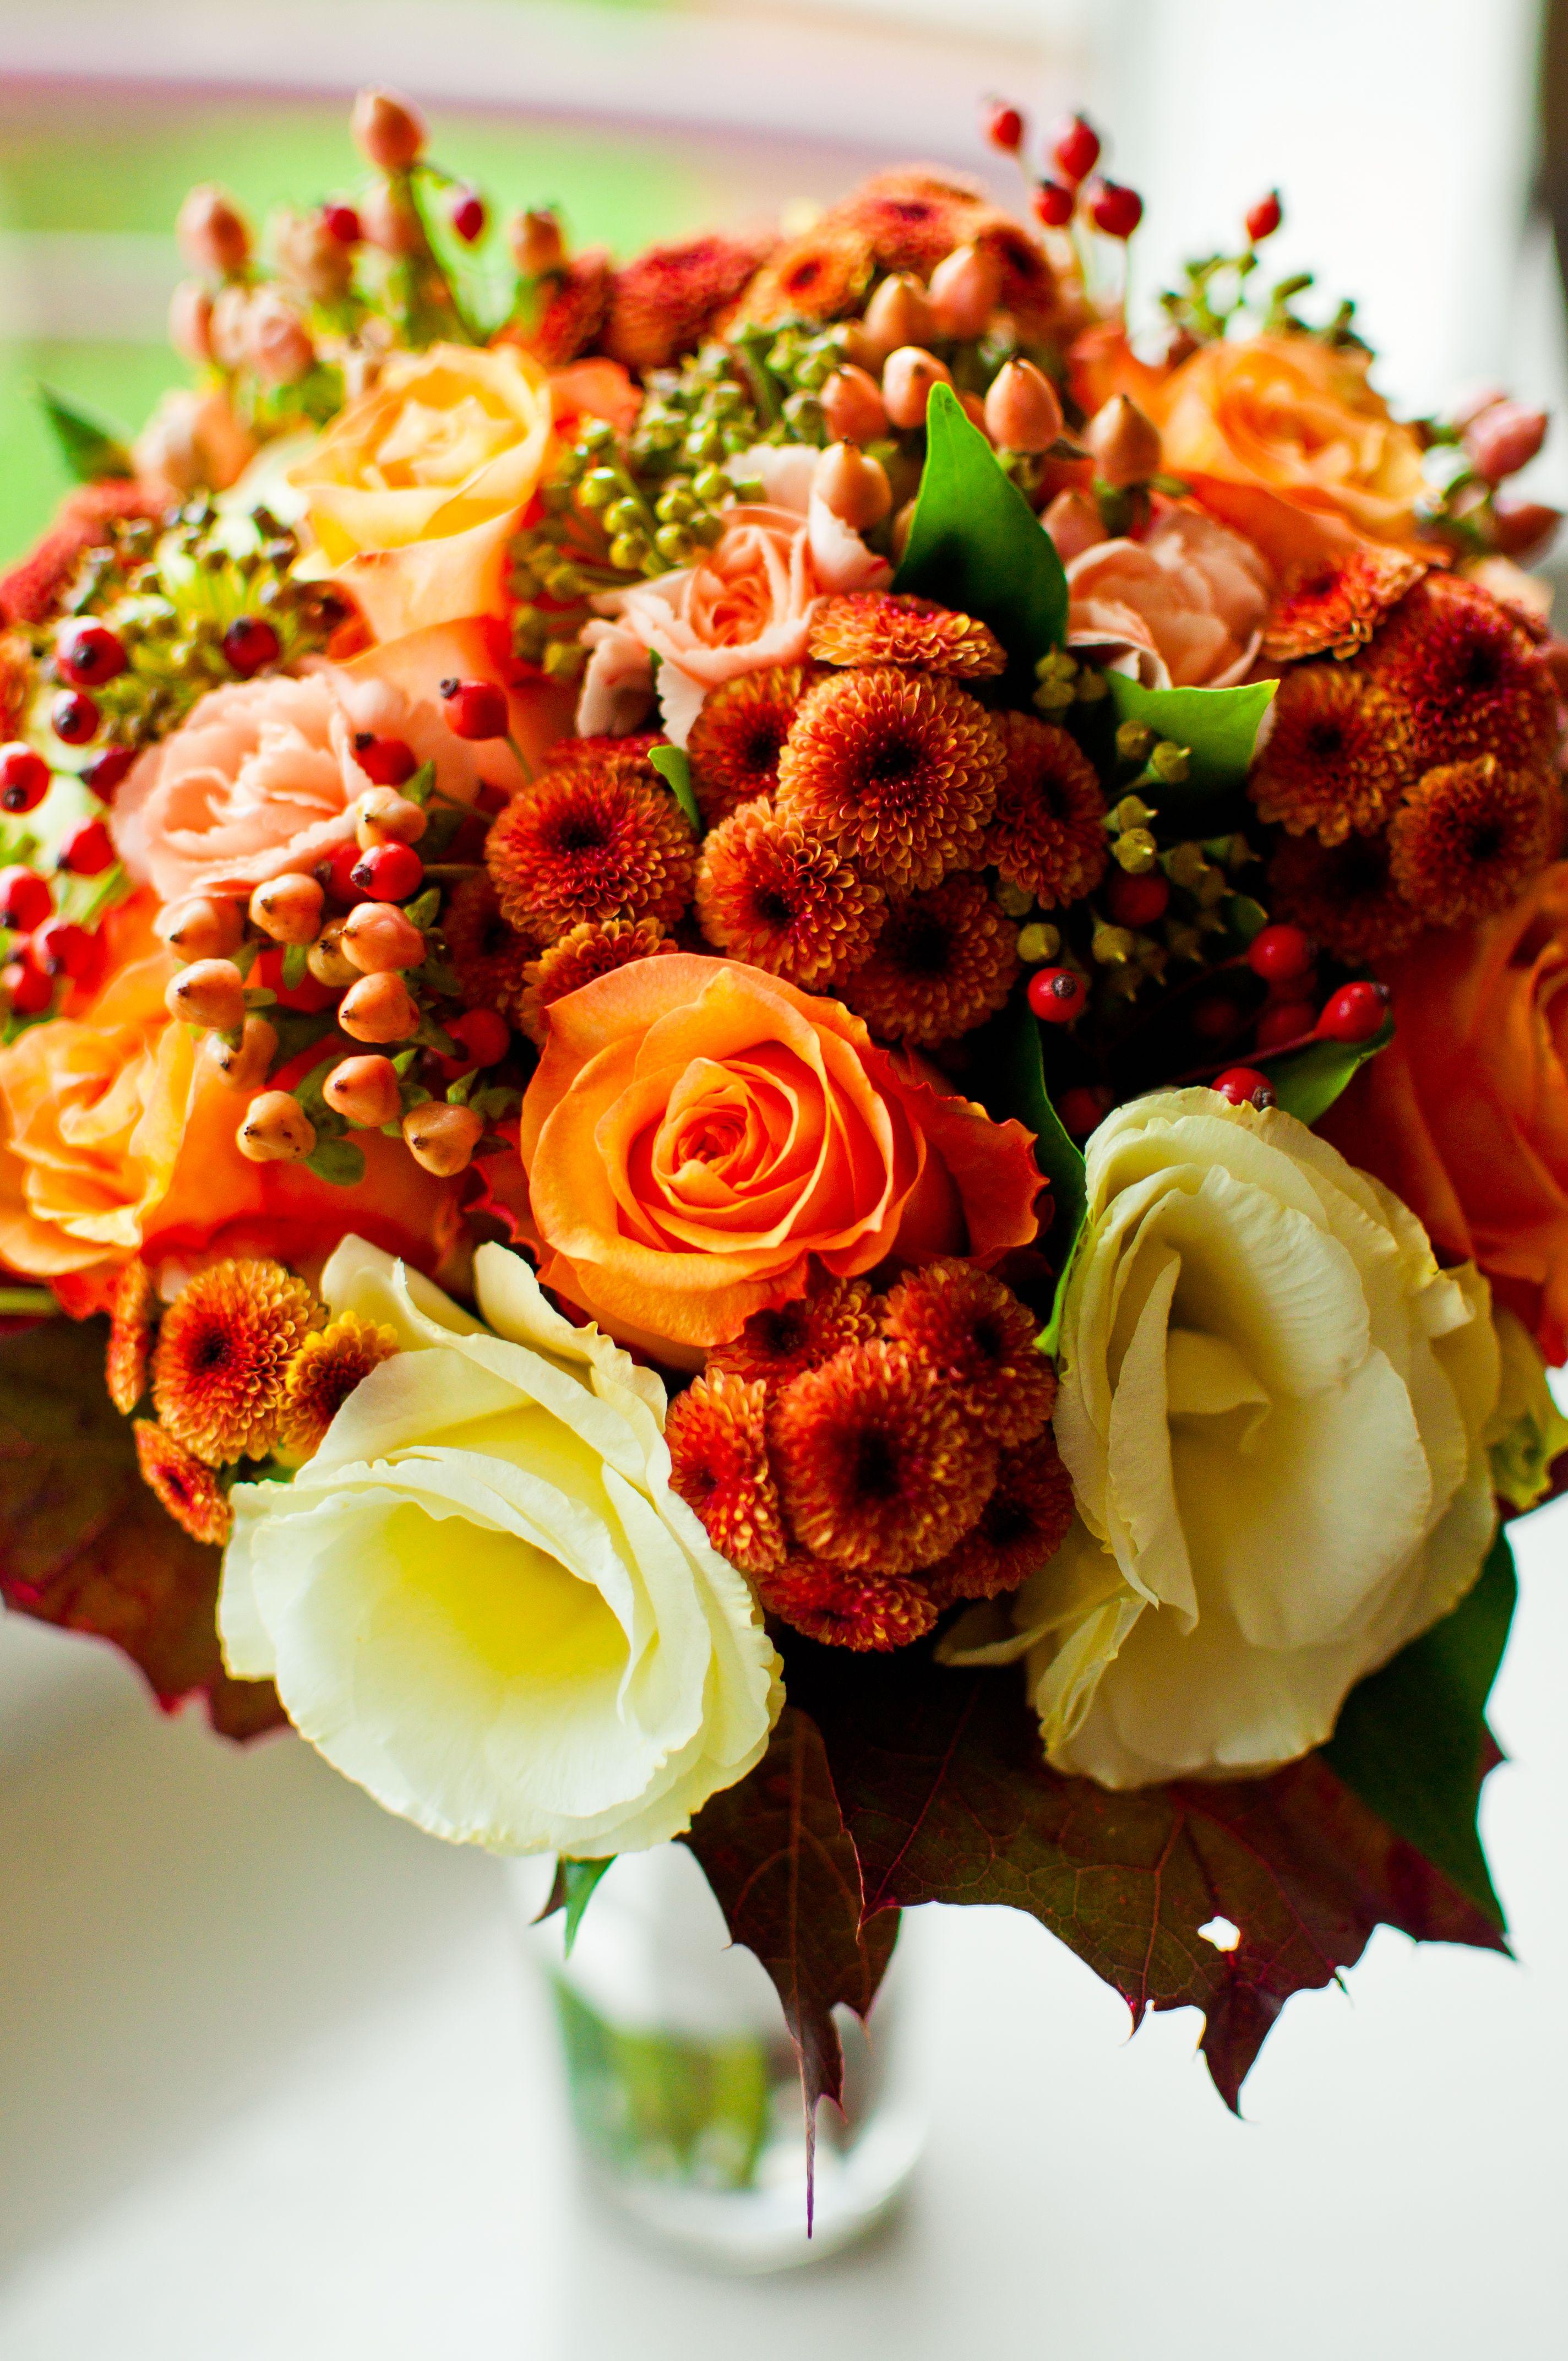 Tiamofoto Pl Bukiet Slubny Wedding Bouquet Jesien Jesienny Bukiet Panna Mloda Slub Wesele Dekoracje Detale Pomaranczowy Flowers Wedding Floral Wreath